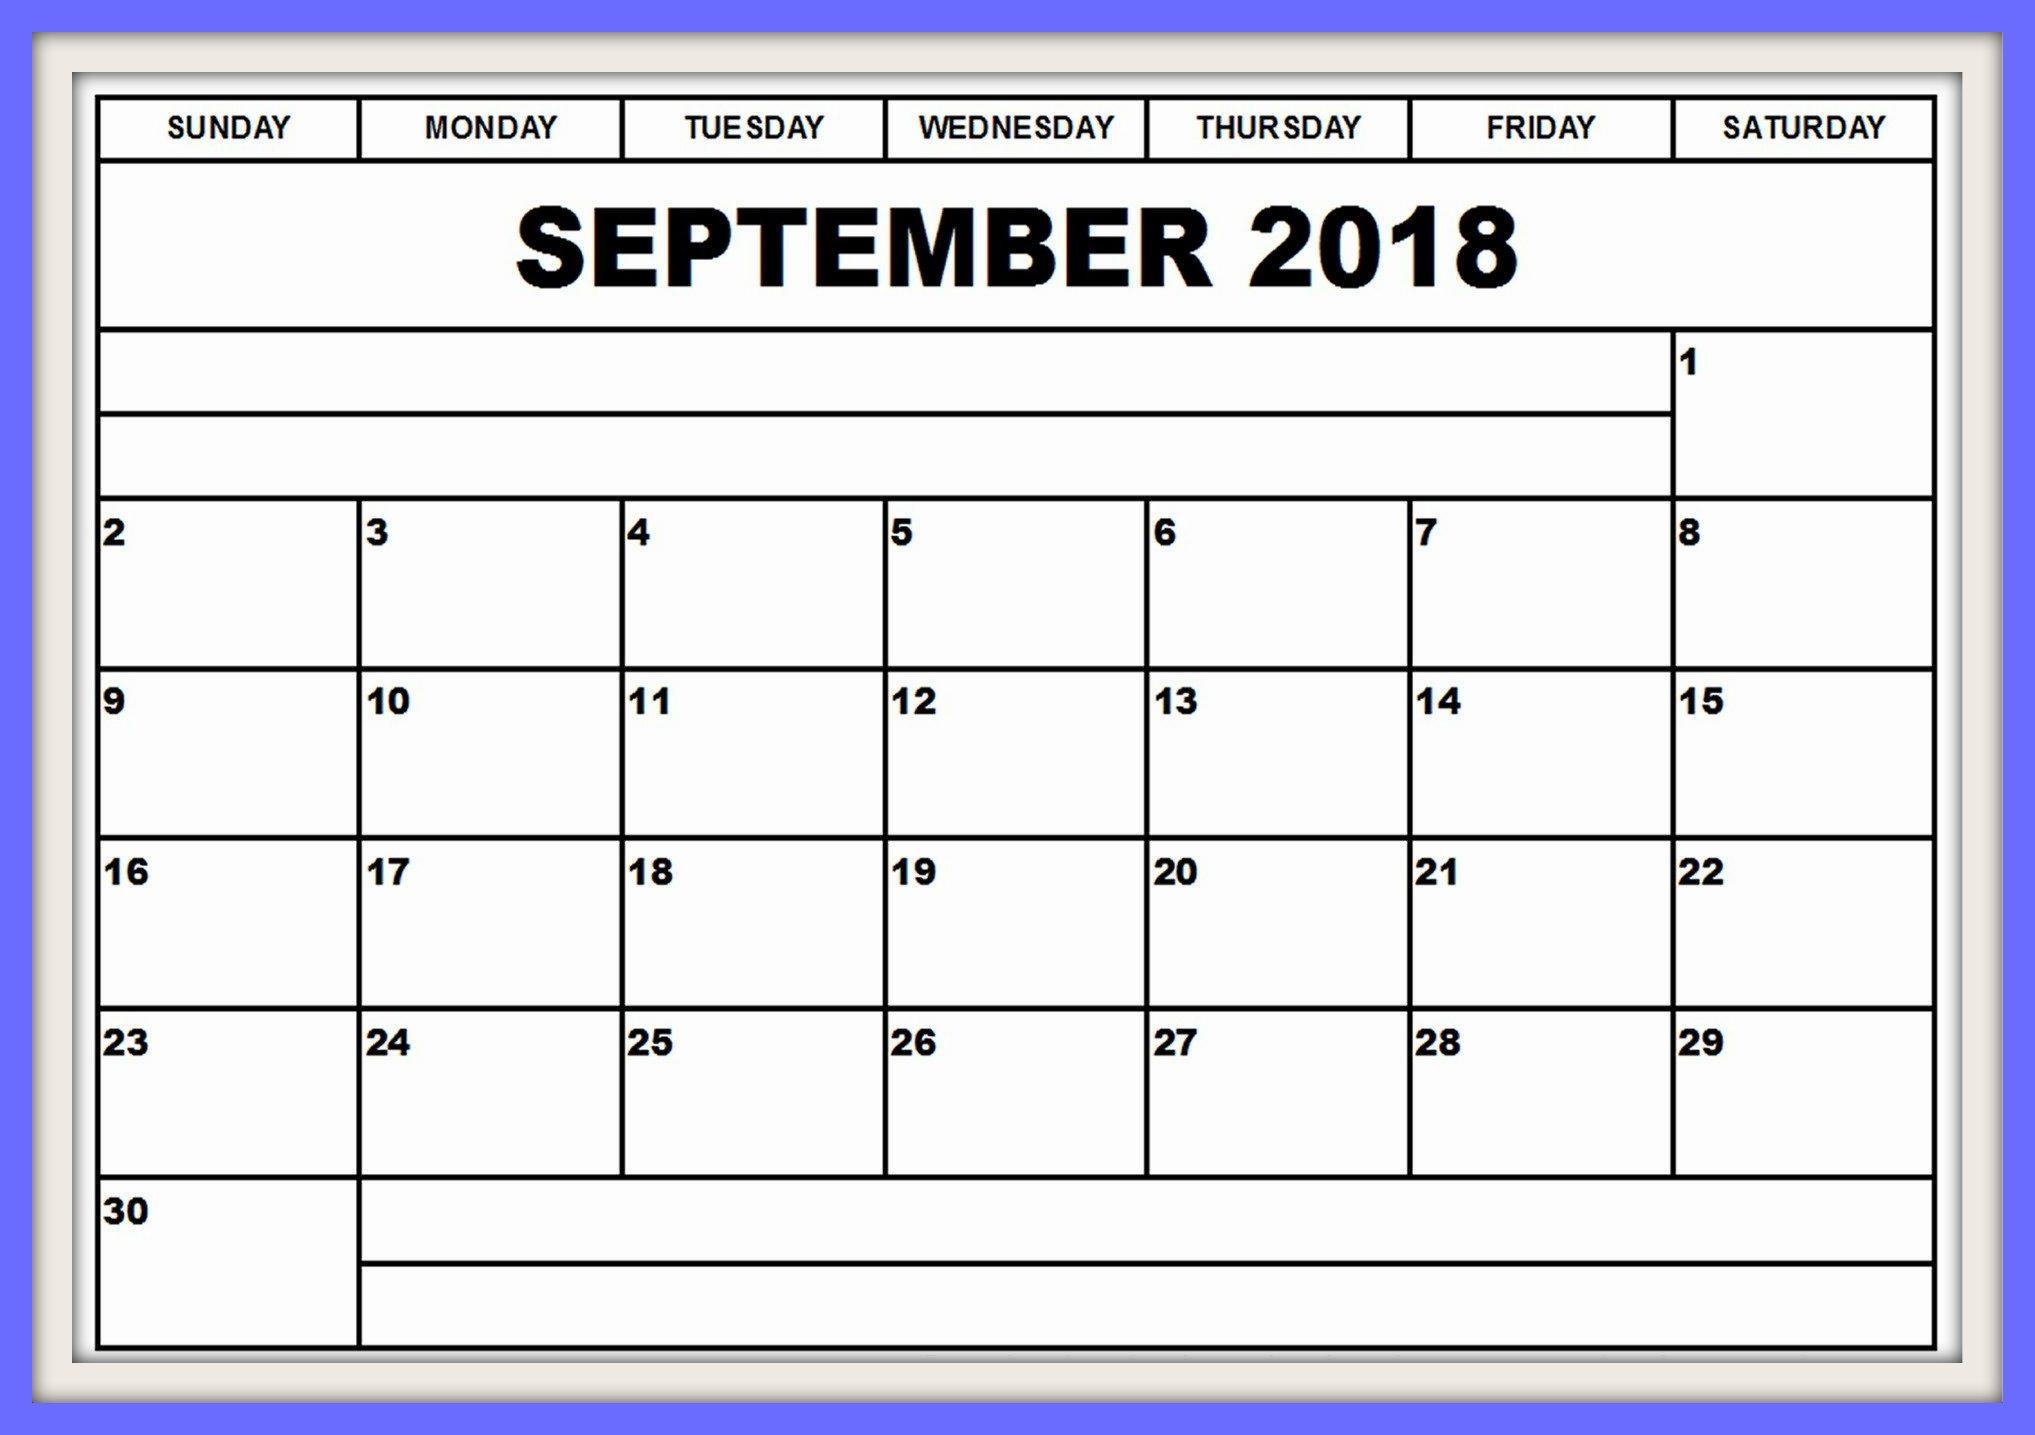 Free September 2018 Calendar to Print